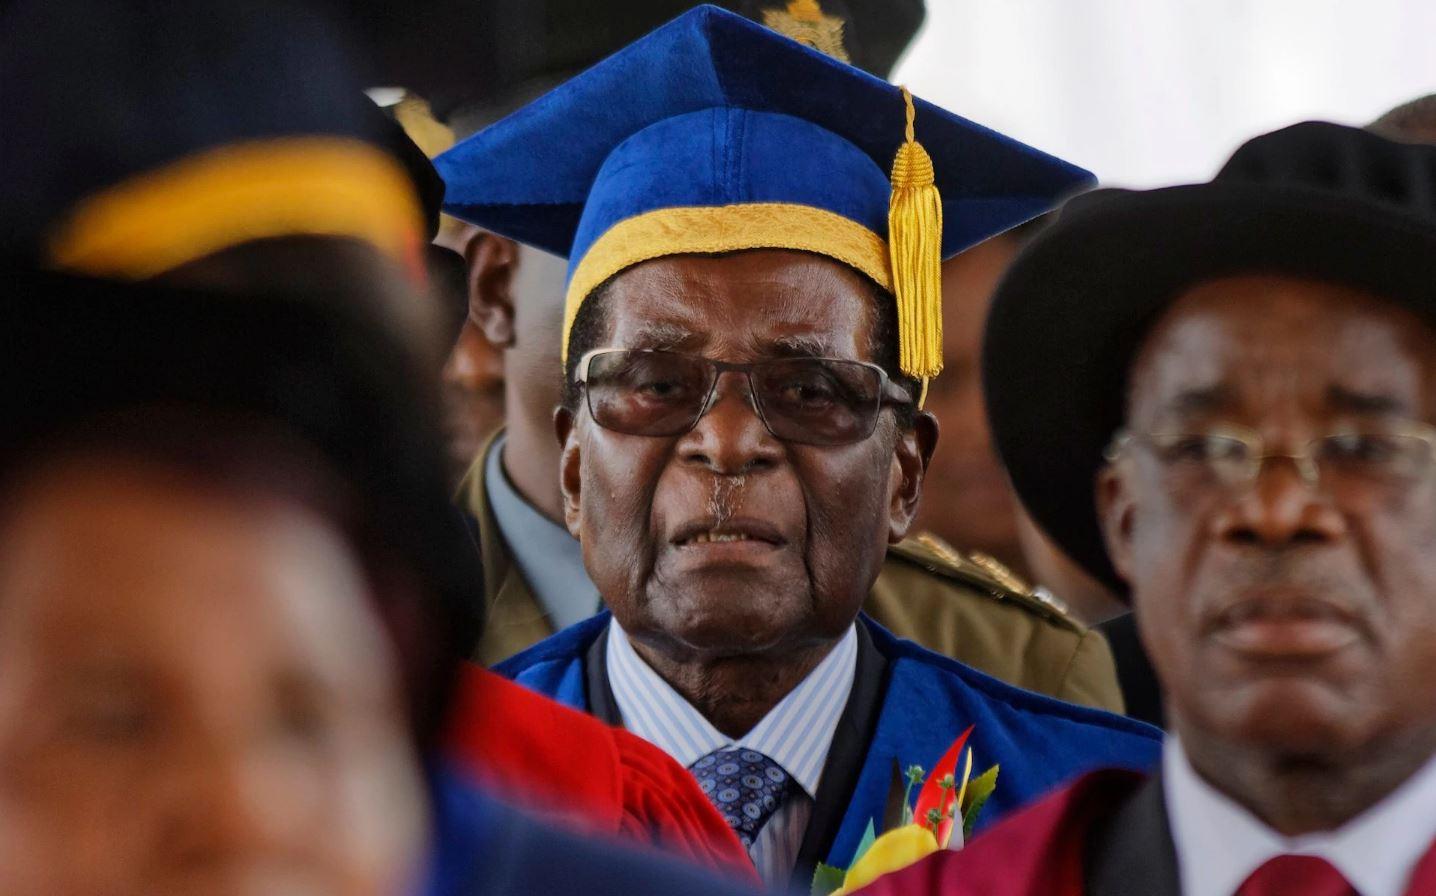 Престарелый ловелас ибессменный правитель. Роберт Мугабе сдался?